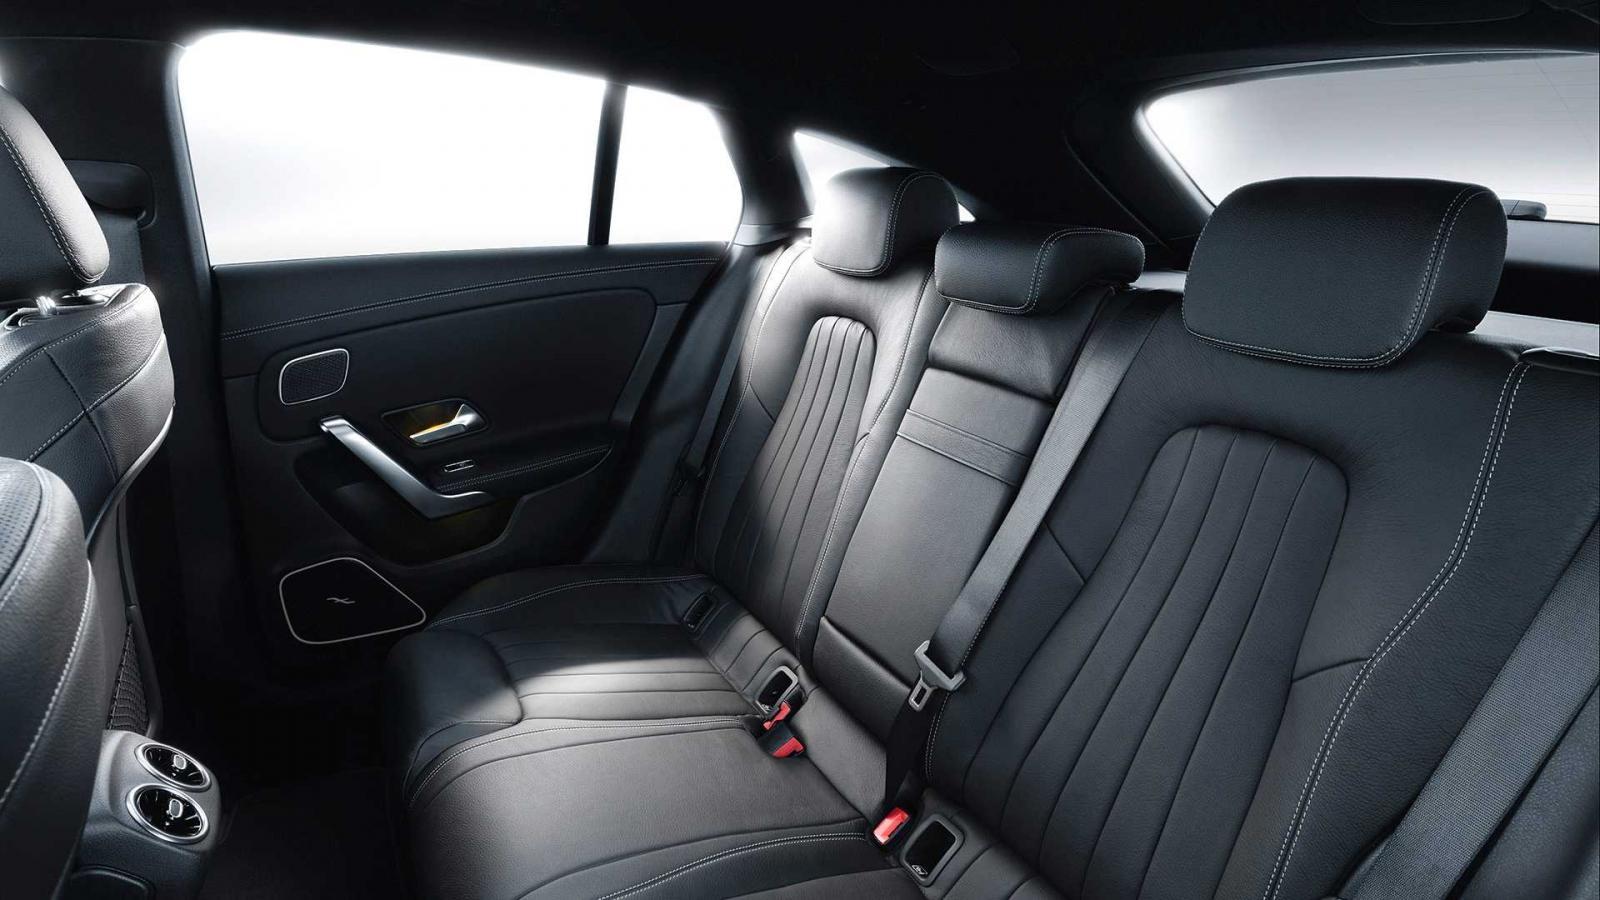 Hàng ghế sau của Mercedes-Benz CLA Shooting Brake 2019